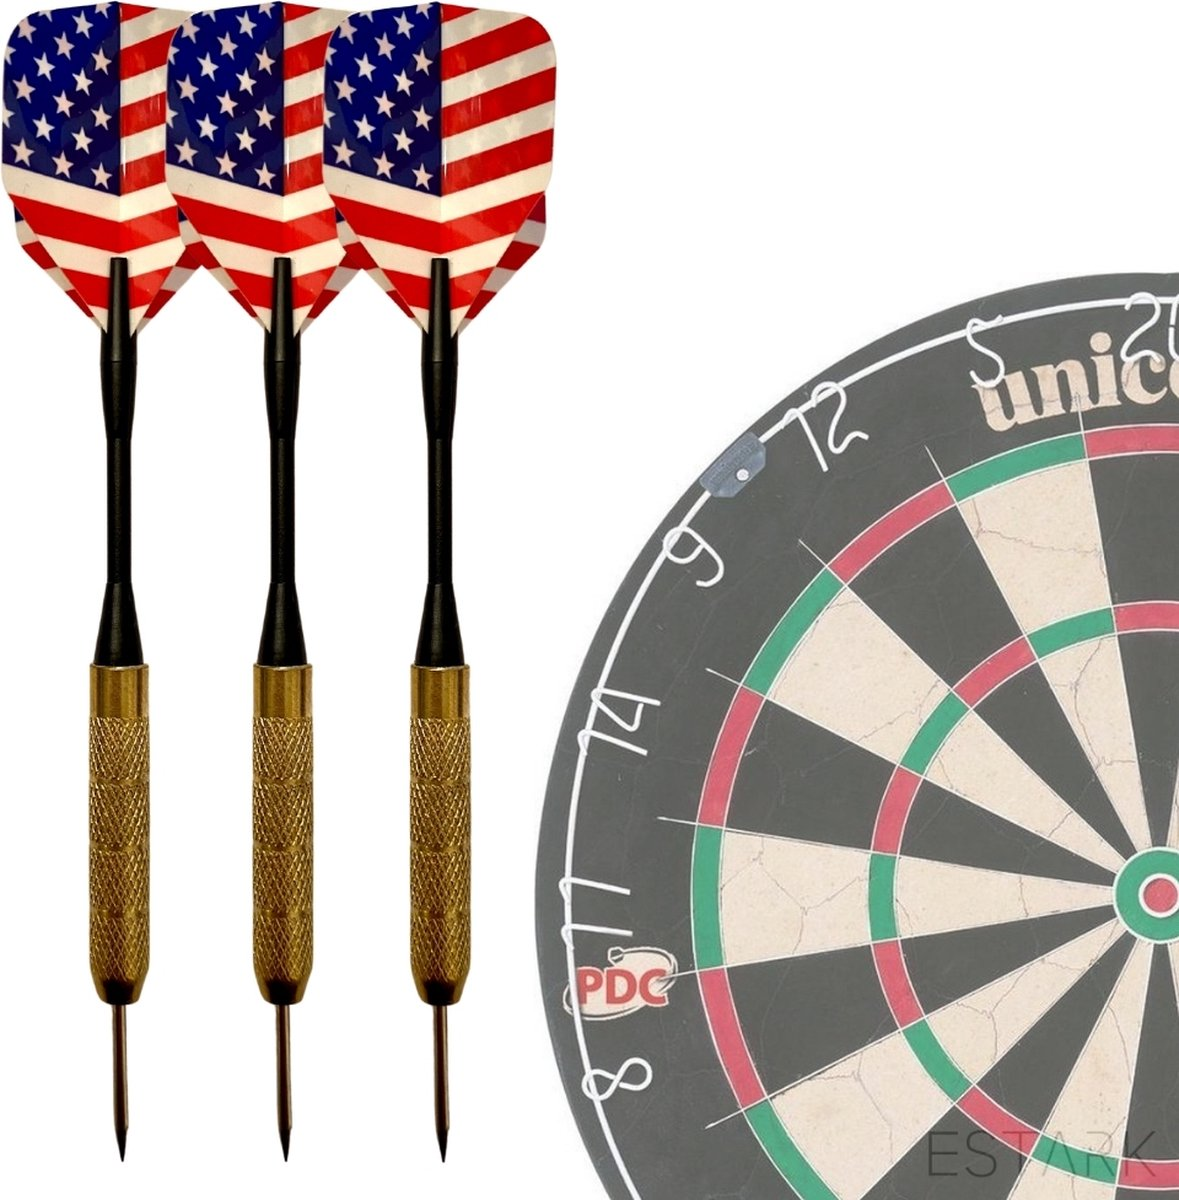 USAdarts - 3 Stevige Complete Dartpijlen - Darts Accessoires - Dartset - Dartpijlen - Darts Pijlen - Darts Flights - Darten - PROFESSIONEEL - 3 Pijlen